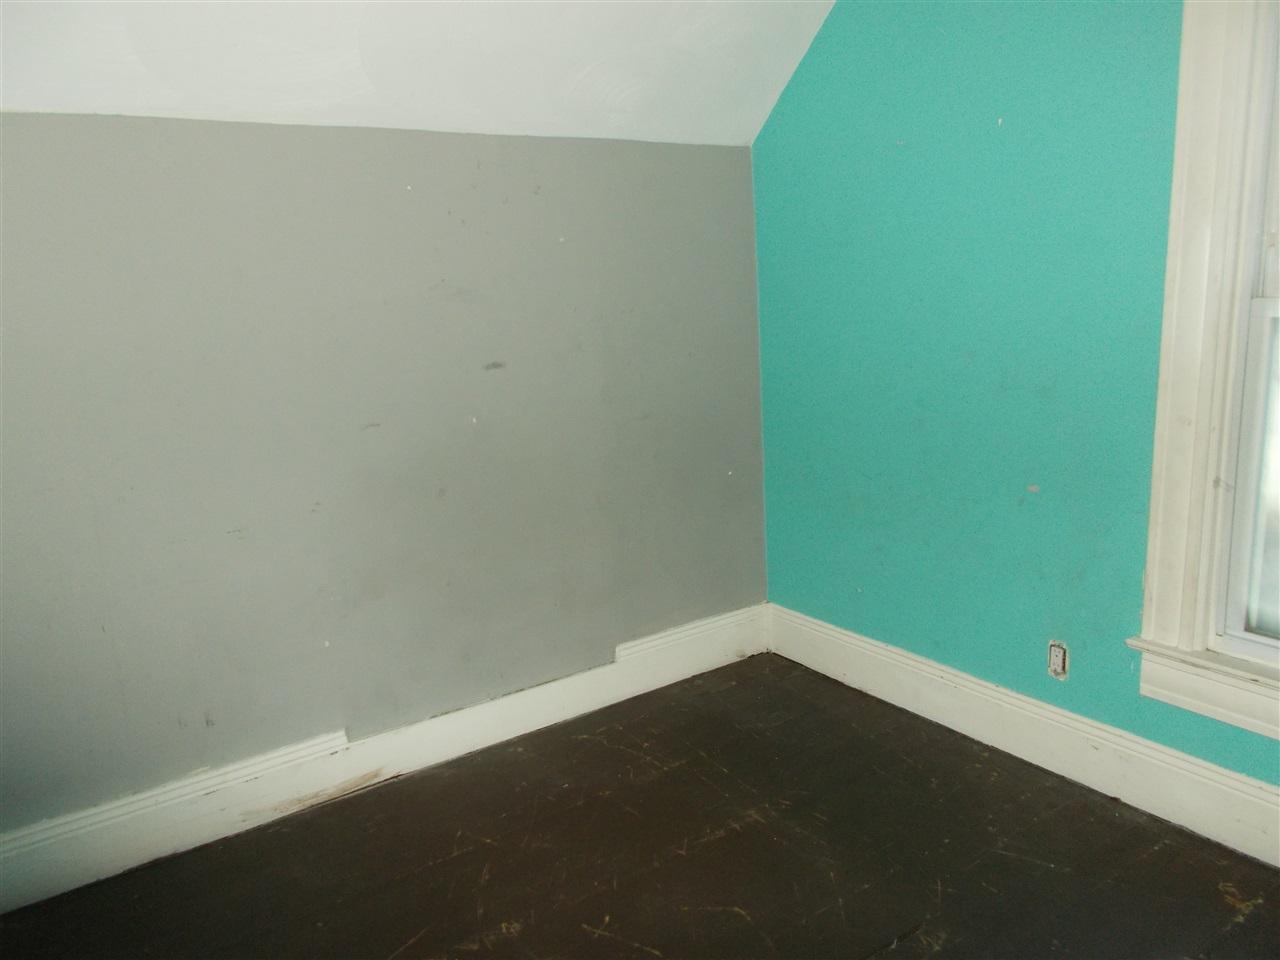 1800 W MAIN STREET, OWOSSO, MI 48867 - GREGSOLDMINE.COM